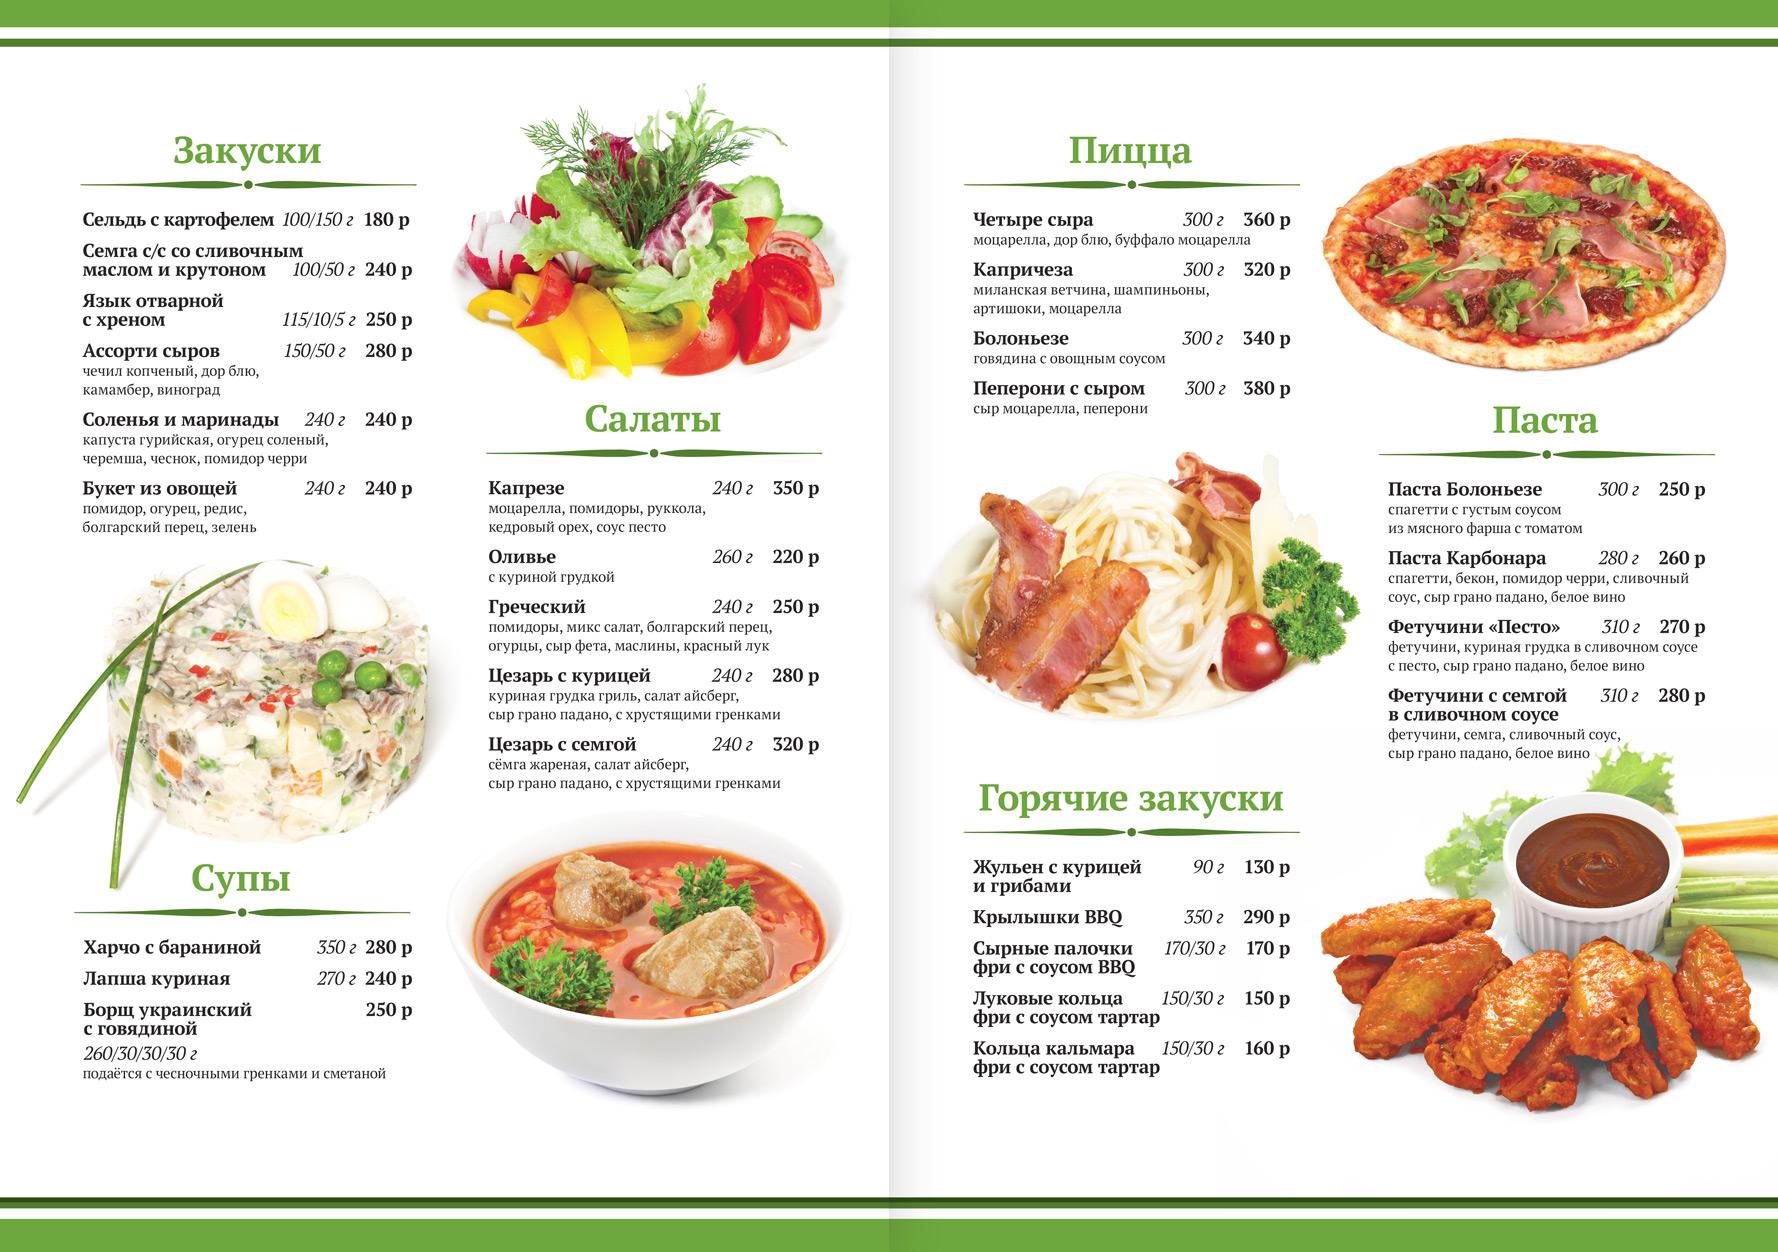 меню с картинками для ресторанов как для